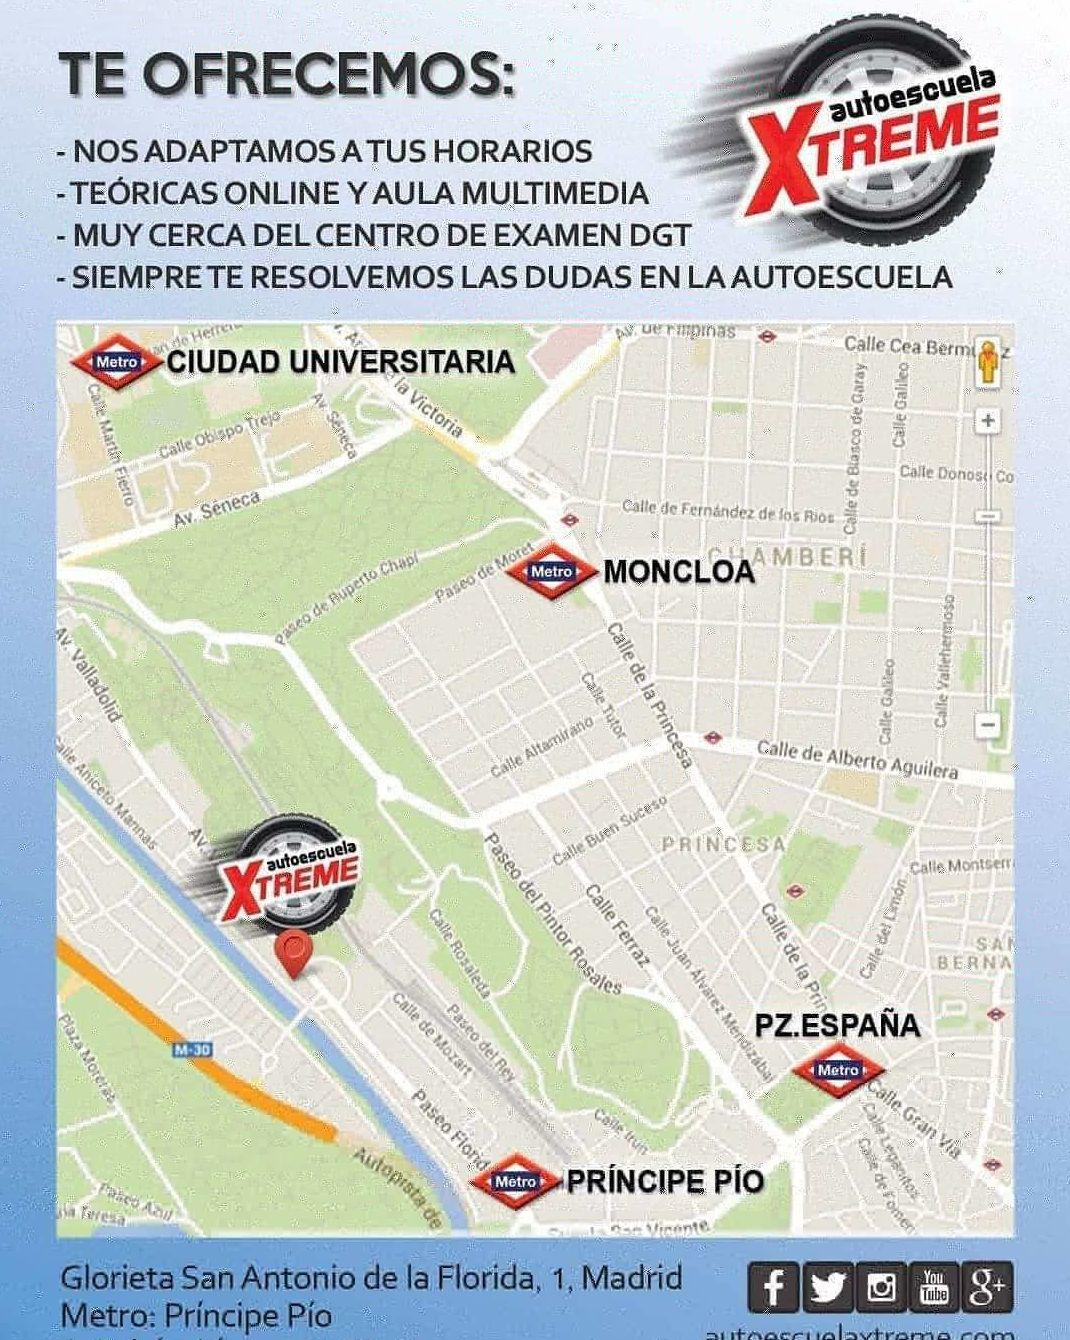 Autoescuela en Madrid centro. Autoescuela aérea en Madrid centro